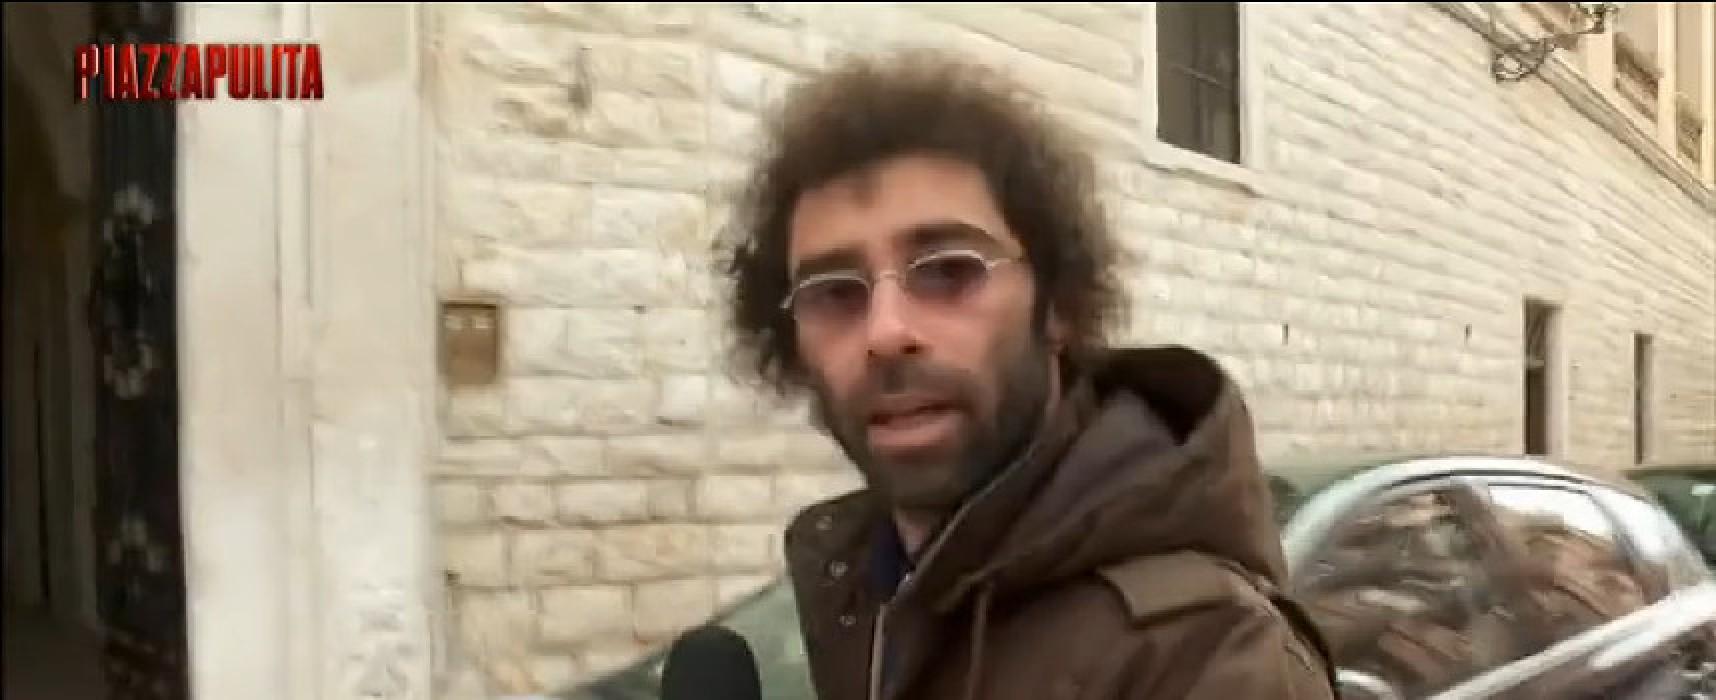 """Spina-Pd, ieri a """"Piazza Pulita"""" il discusso servizio di La7 sul """"caso Bisceglie"""" / ECCO IL VIDEO"""